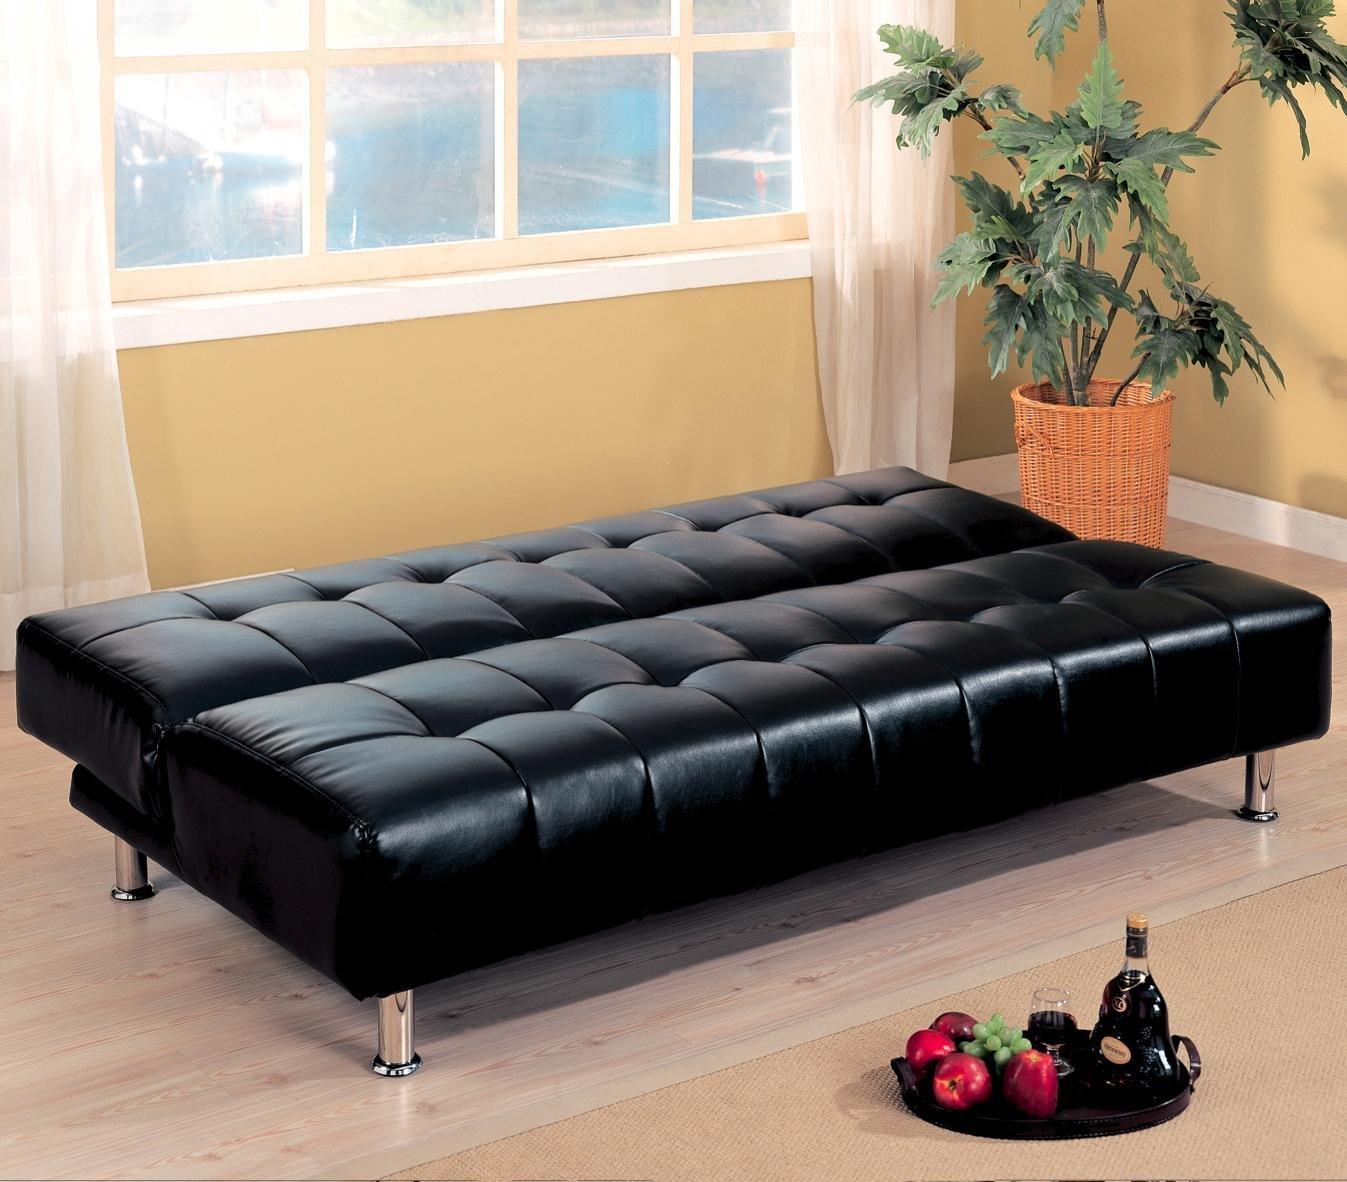 Черный диван тик так